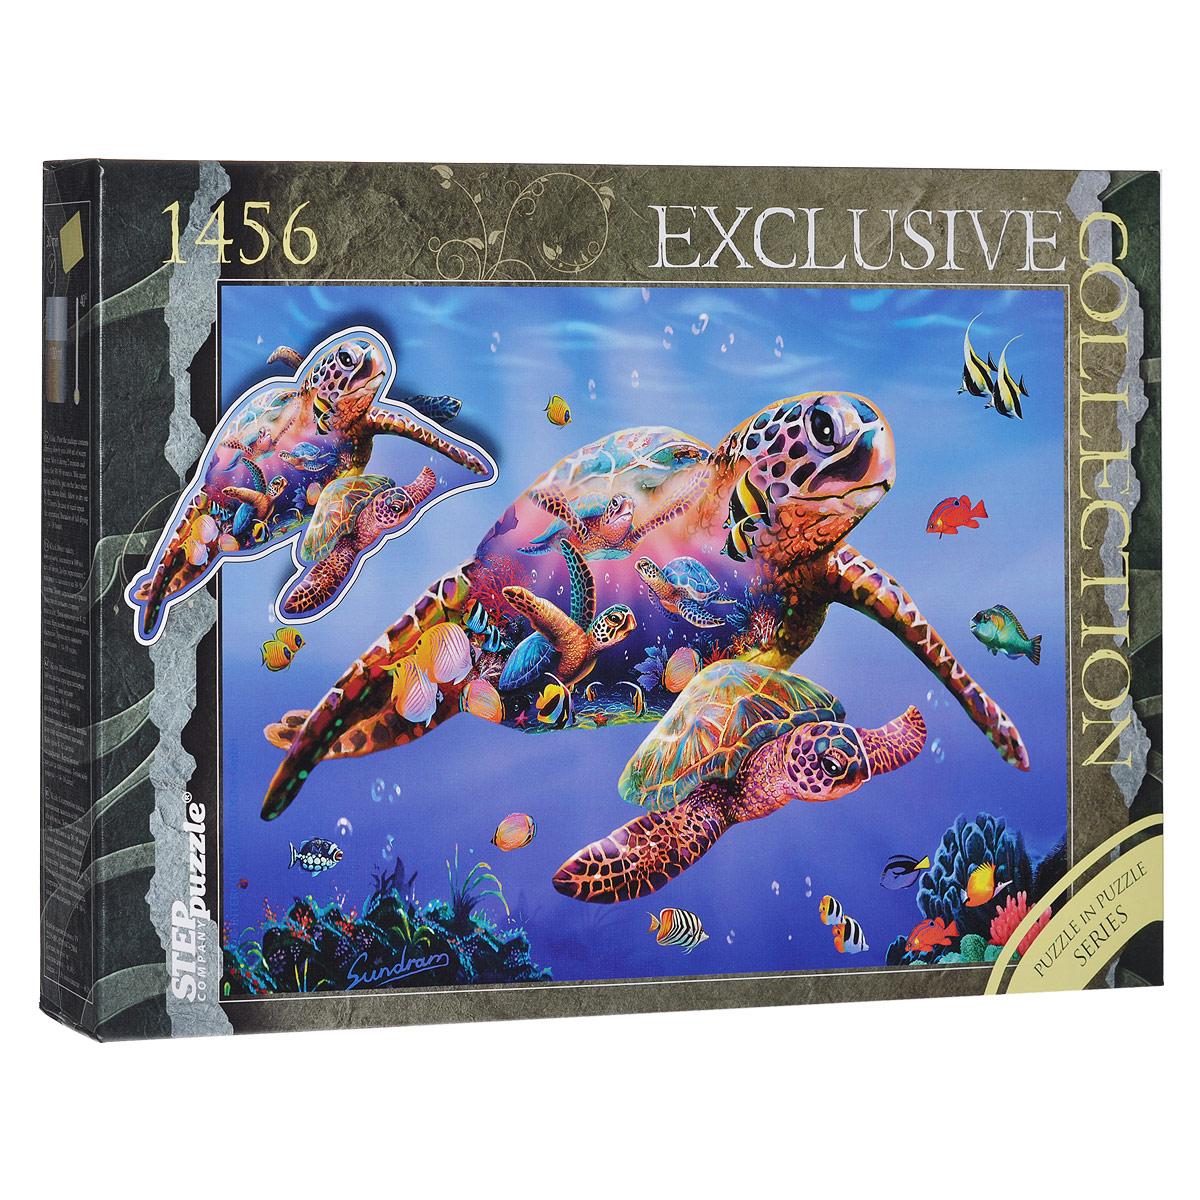 Черепаха. Пазл, 1456 элементов83506Пазл в пазле «Черепаха», без сомнения, придется вам по душе. Собрав этот пазл, включающий в себя 1456 элементов, вы получите великолепную картину с изображением морских черепах, плывущих в океане. В комплект входит специальный клей для пазлов. Клей скрепляет пазл, придает ему сходство с цельной картиной. Пазл - великолепная игра для семейного досуга. Сегодня собирание пазлов стало особенно популярным, главным образом, благодаря своей многообразной тематике, способной удовлетворить самый взыскательный вкус. А для детей это не только интересно, но и полезно. Собирание пазла развивает мелкую моторику у ребенка, тренирует наблюдательность, логическое мышление, знакомит с окружающим миром, с цветом и разнообразными формами.